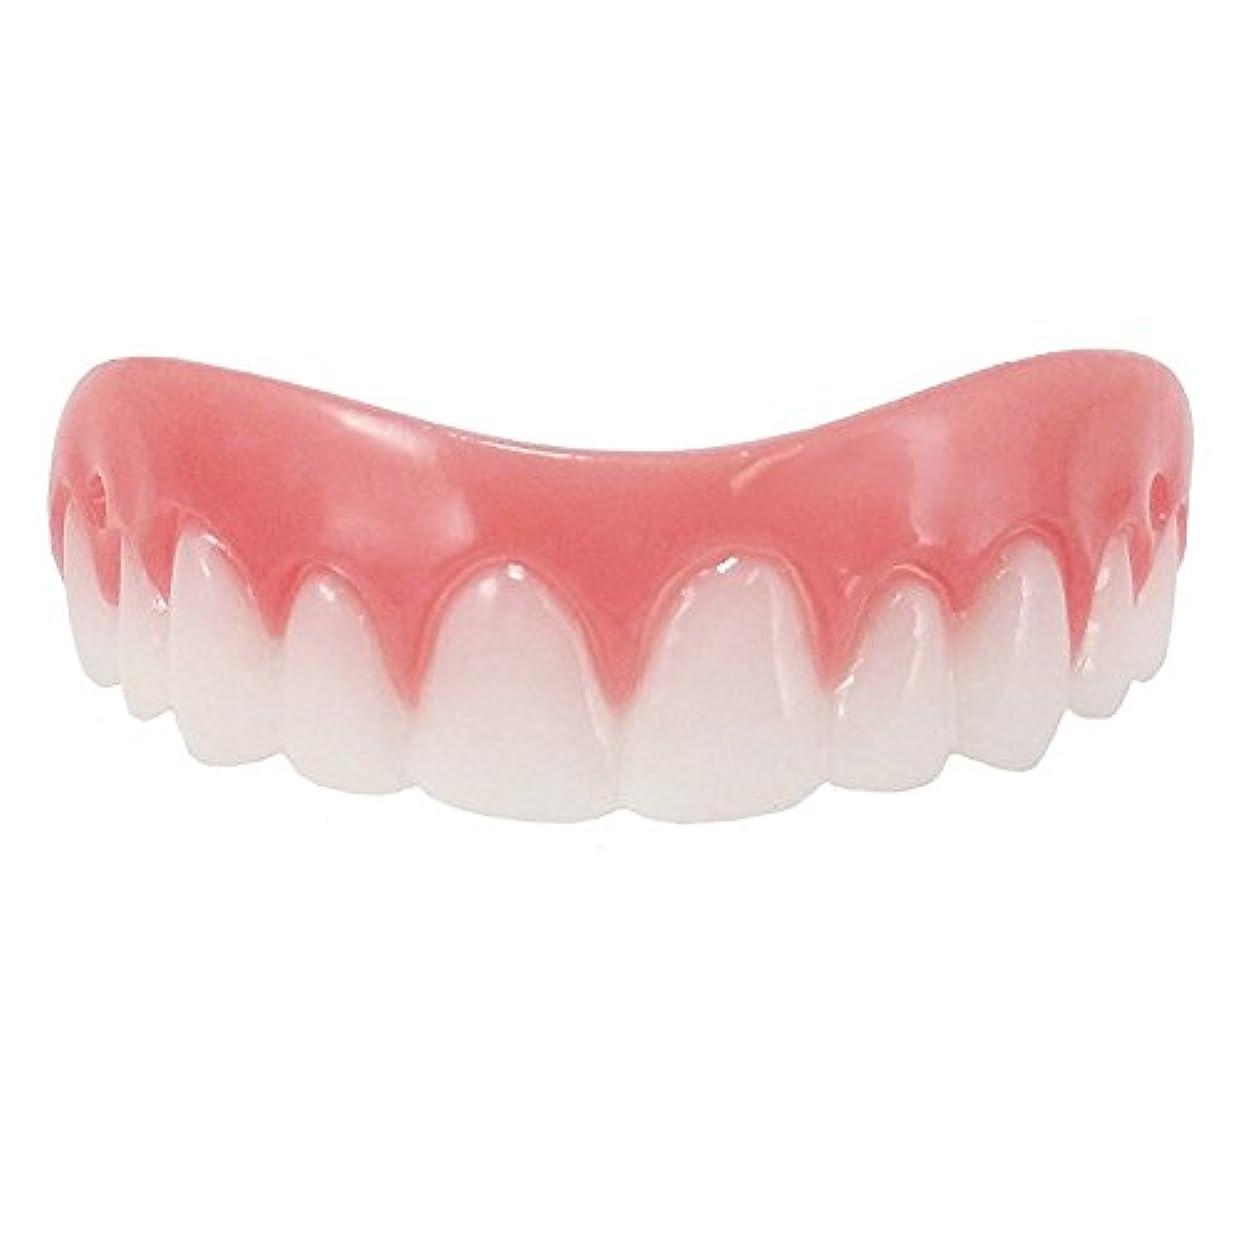 かわいらしい明らか蒸留するシリコン義歯ペースト 美容用 入れ歯 上歯 下歯2個セット (free size)